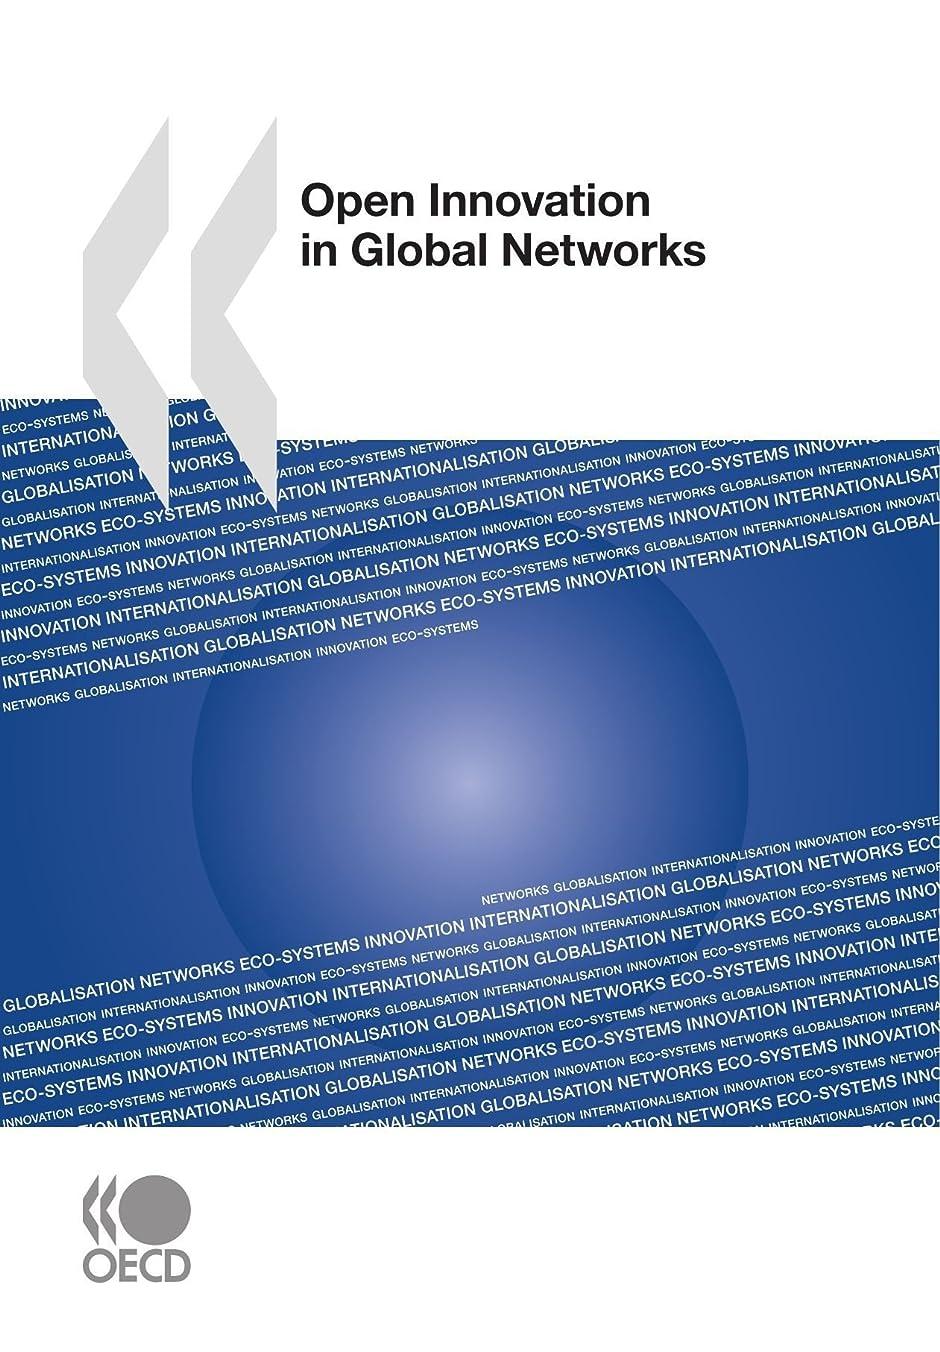 外部打撃窒素Open Innovation in Global Networks